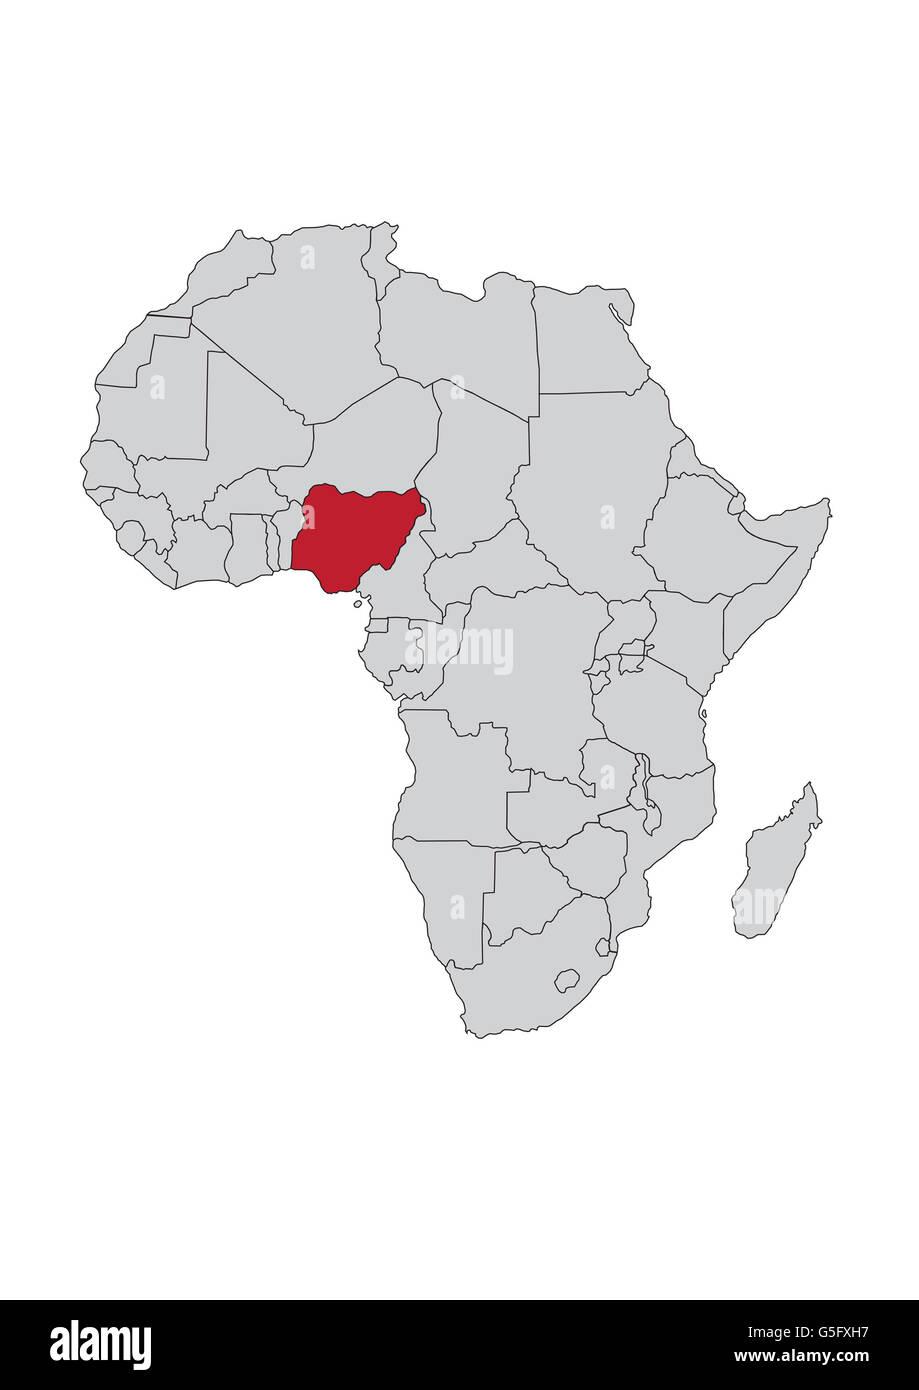 Carte Afrique Nigeria.Carte De L Afrique Nigeria Banque D Images Photo Stock